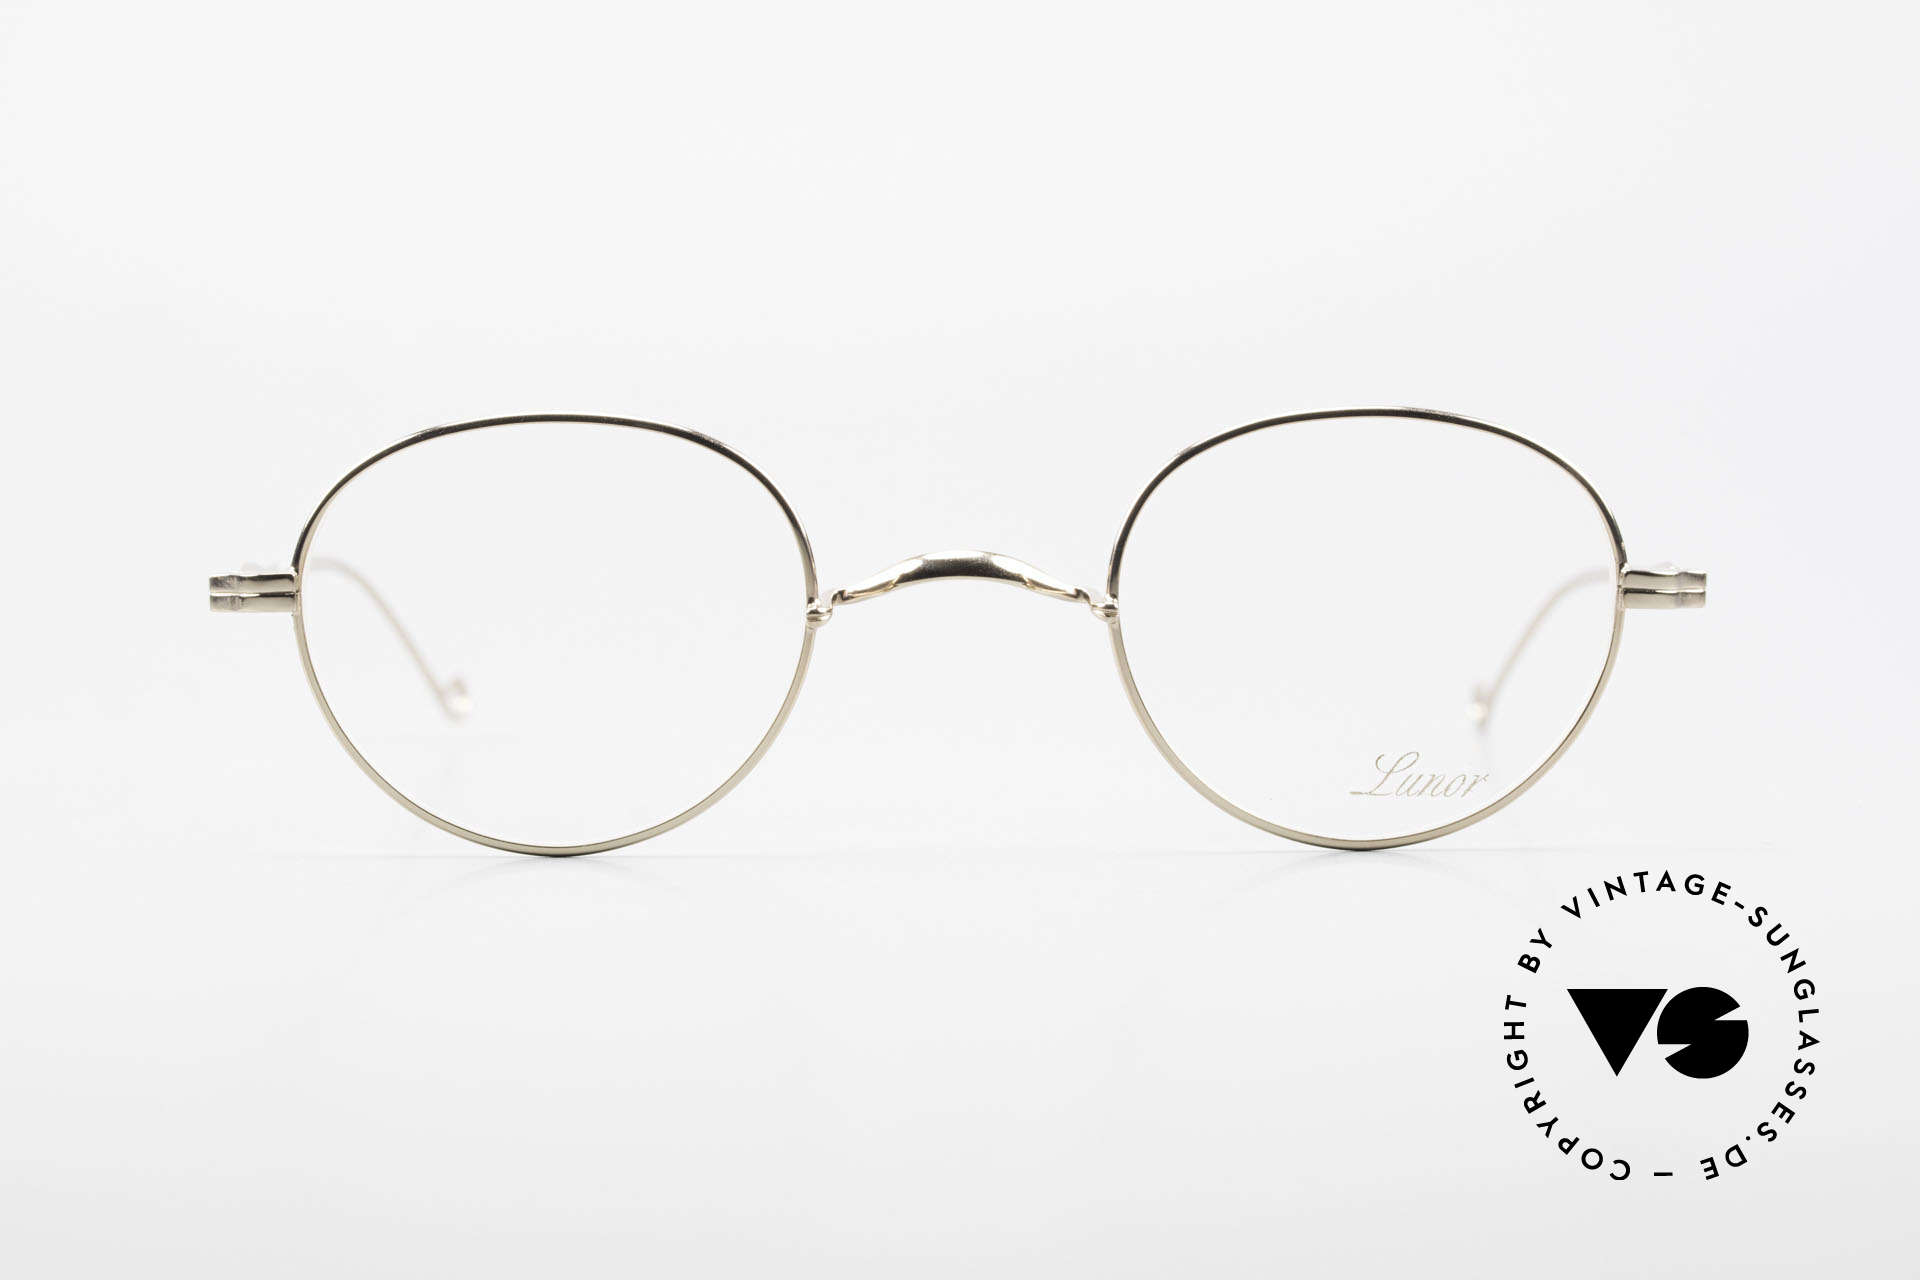 Lunor II 22 Lunor Brille Vergoldet Panto, Vollrand-Metallfassung mit hochwertigem Schutzlack, Passend für Herren und Damen